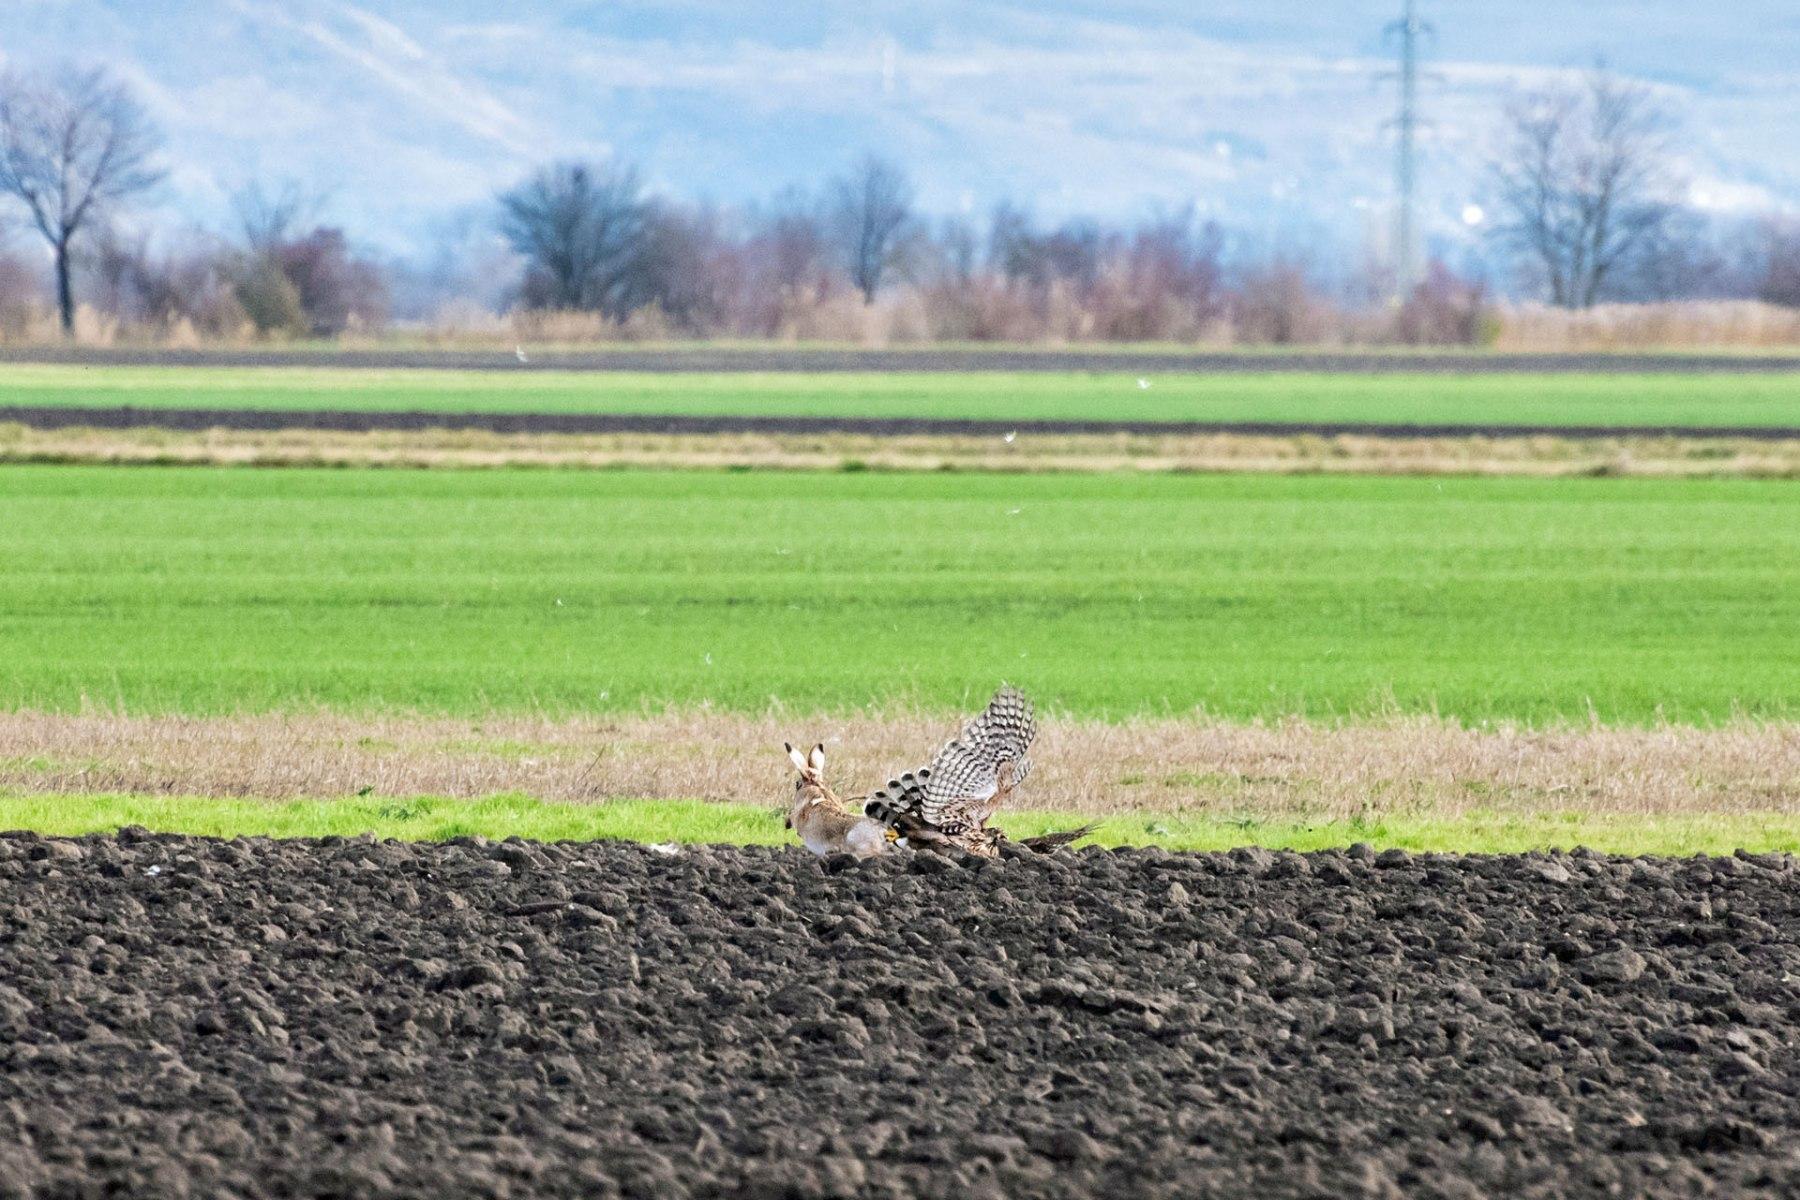 Der Hase kann den Rothabicht abschütteln